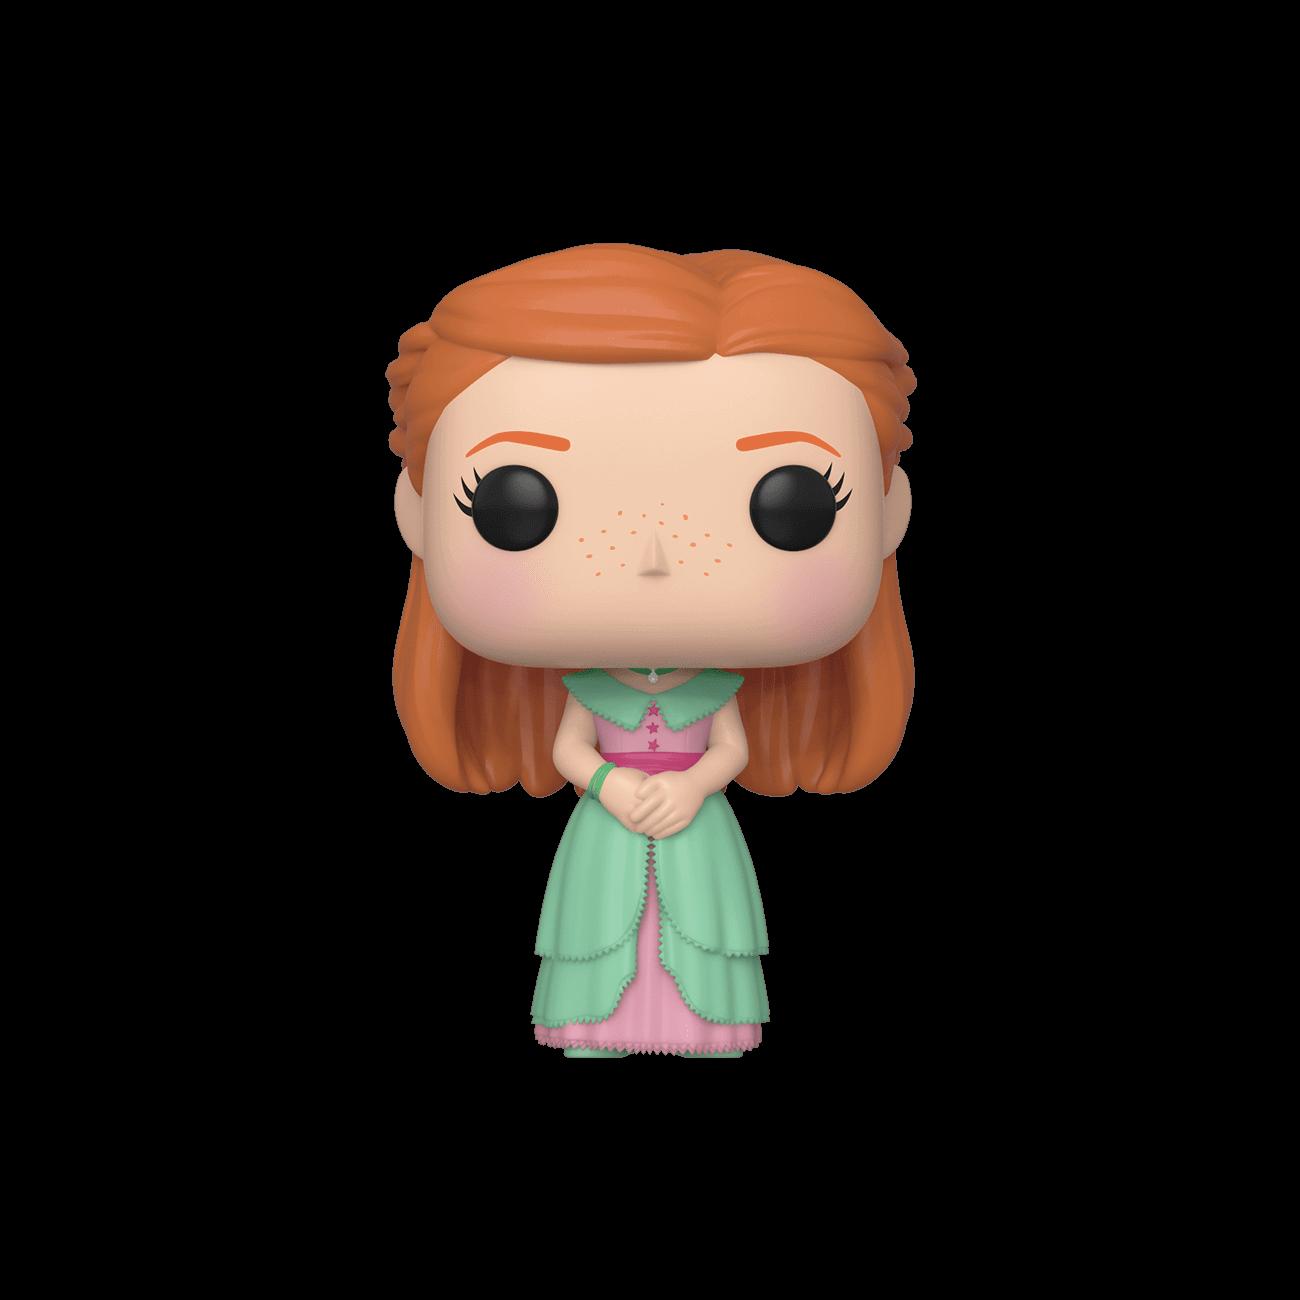 POP! Harry Potter: Yule Ball Ginny Weasley